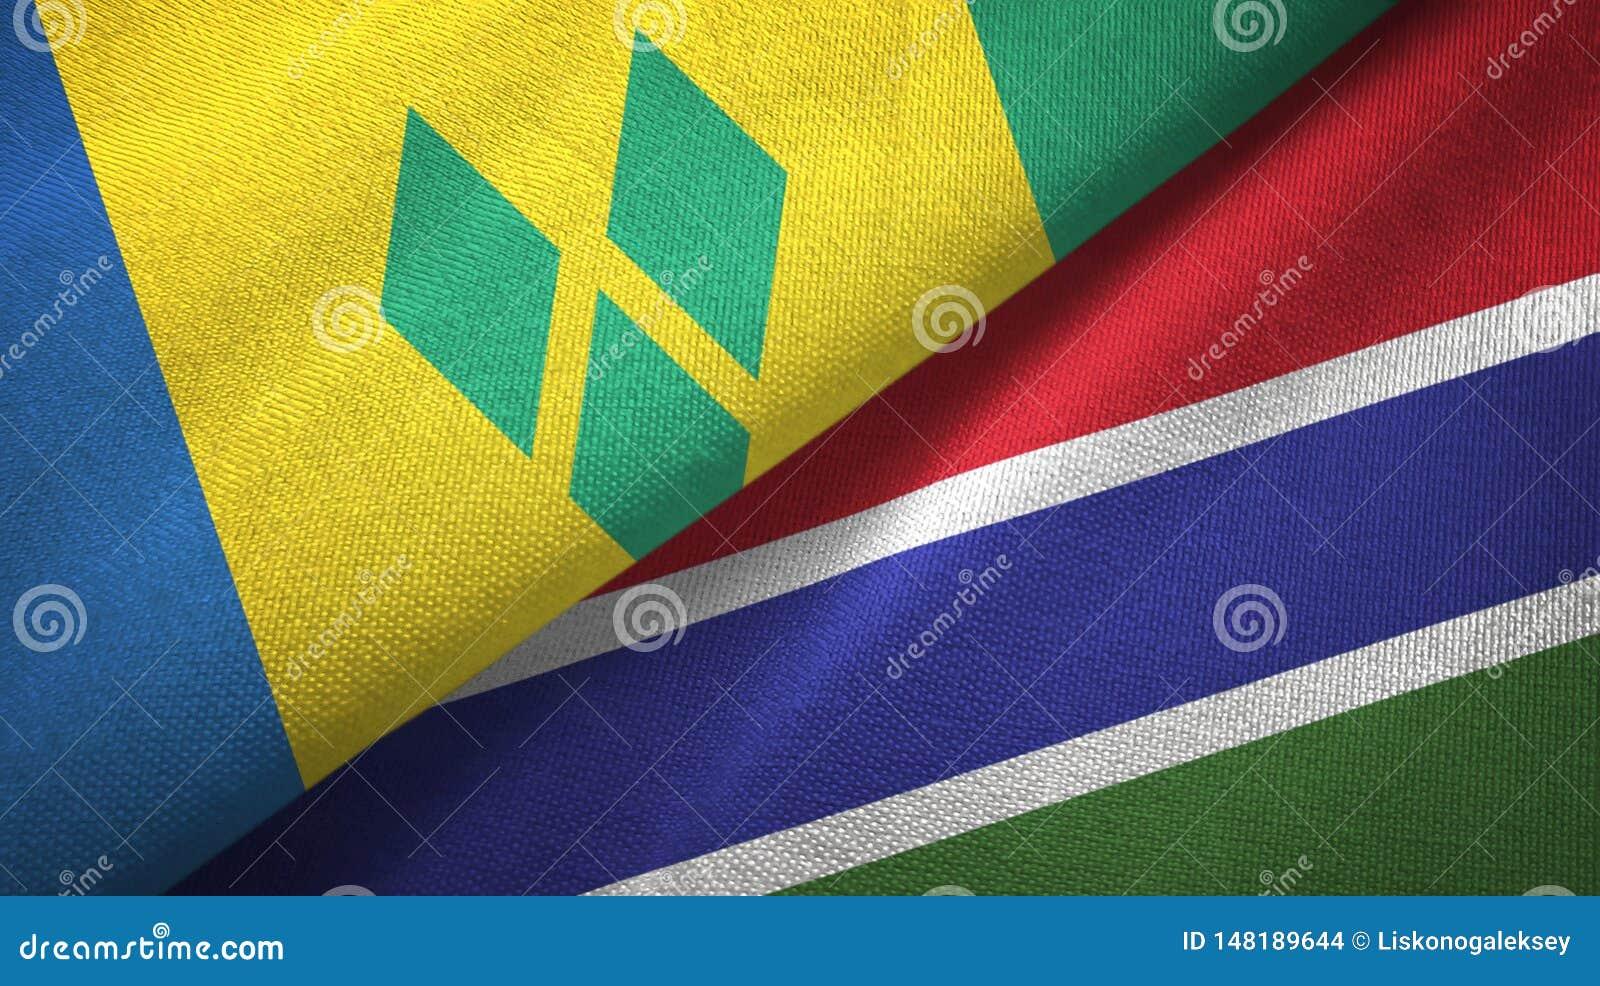 Άγιος Βικέντιος και Γρεναδίνες και Γκάμπια δύο σημαίες